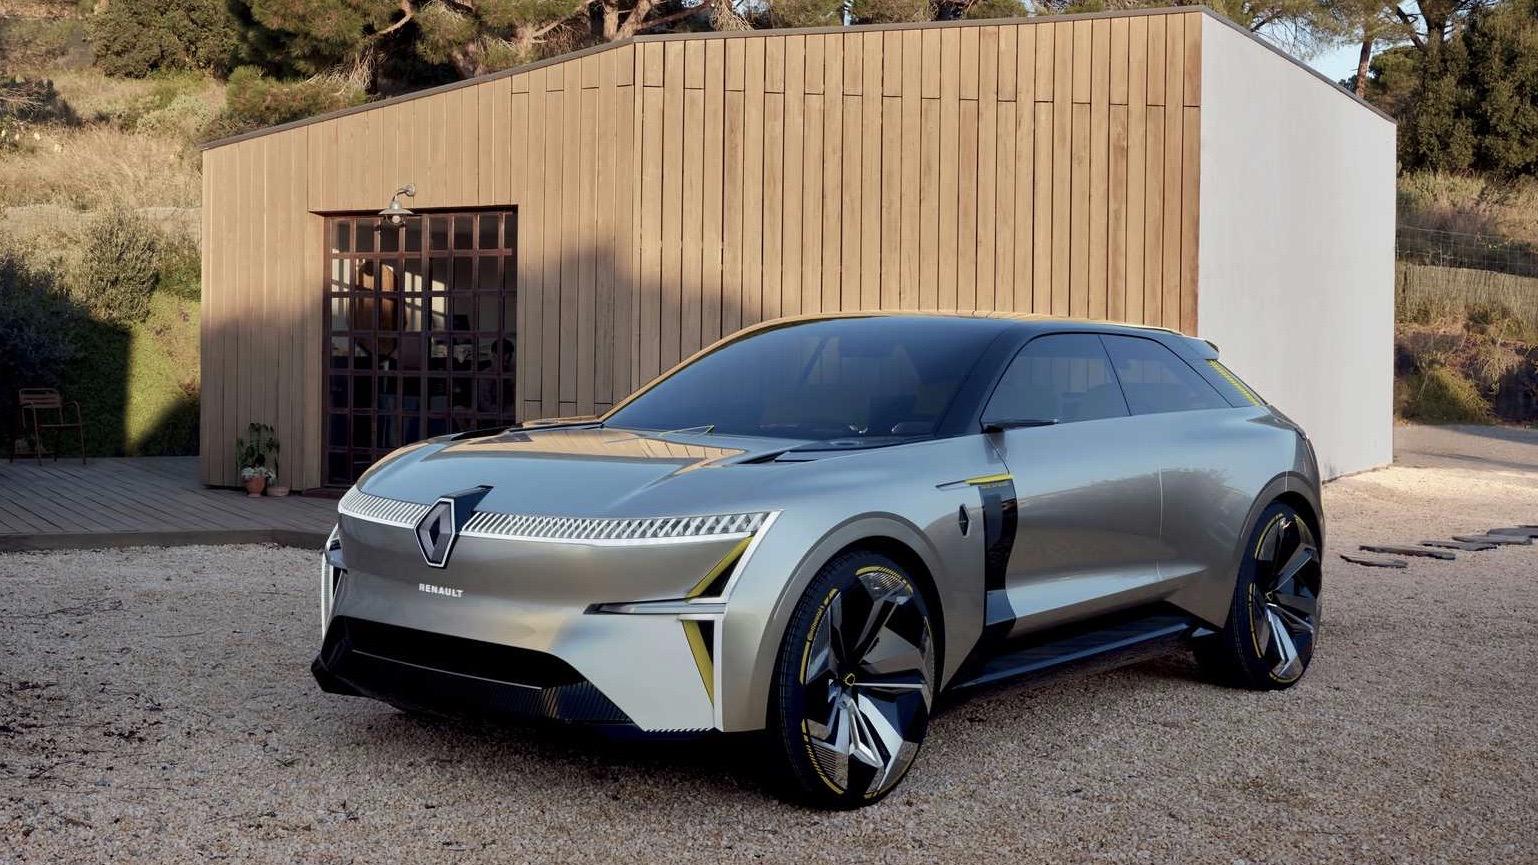 Премьера электрокара Renault состоится этой осенью.